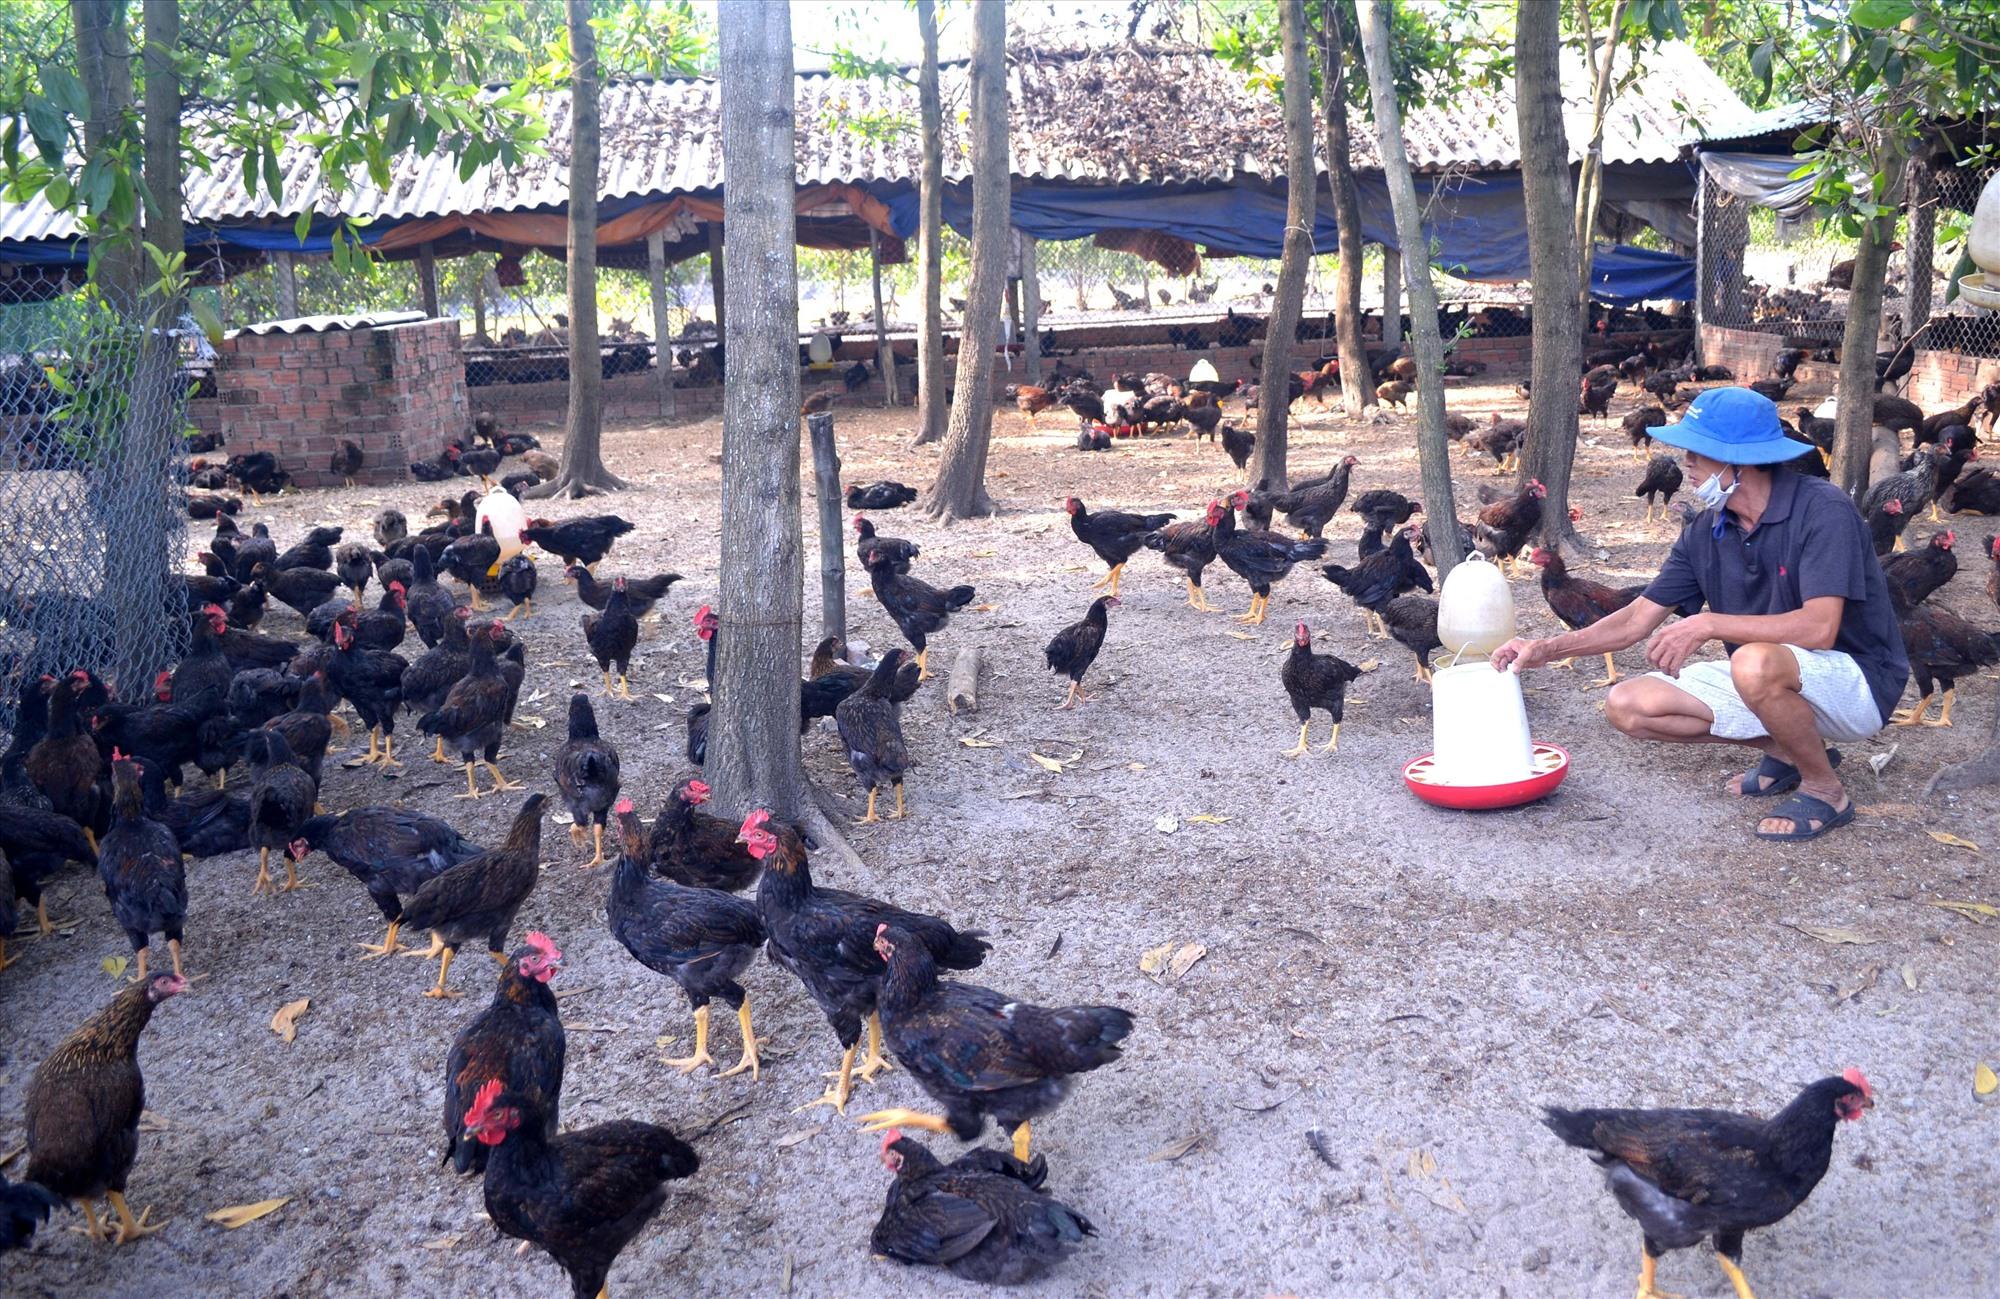 Ông Nguyễn Minh Đồng khó tiêu thụ 6 nghìn con gà thả vườn thương phẩm. Ảnh: V.N